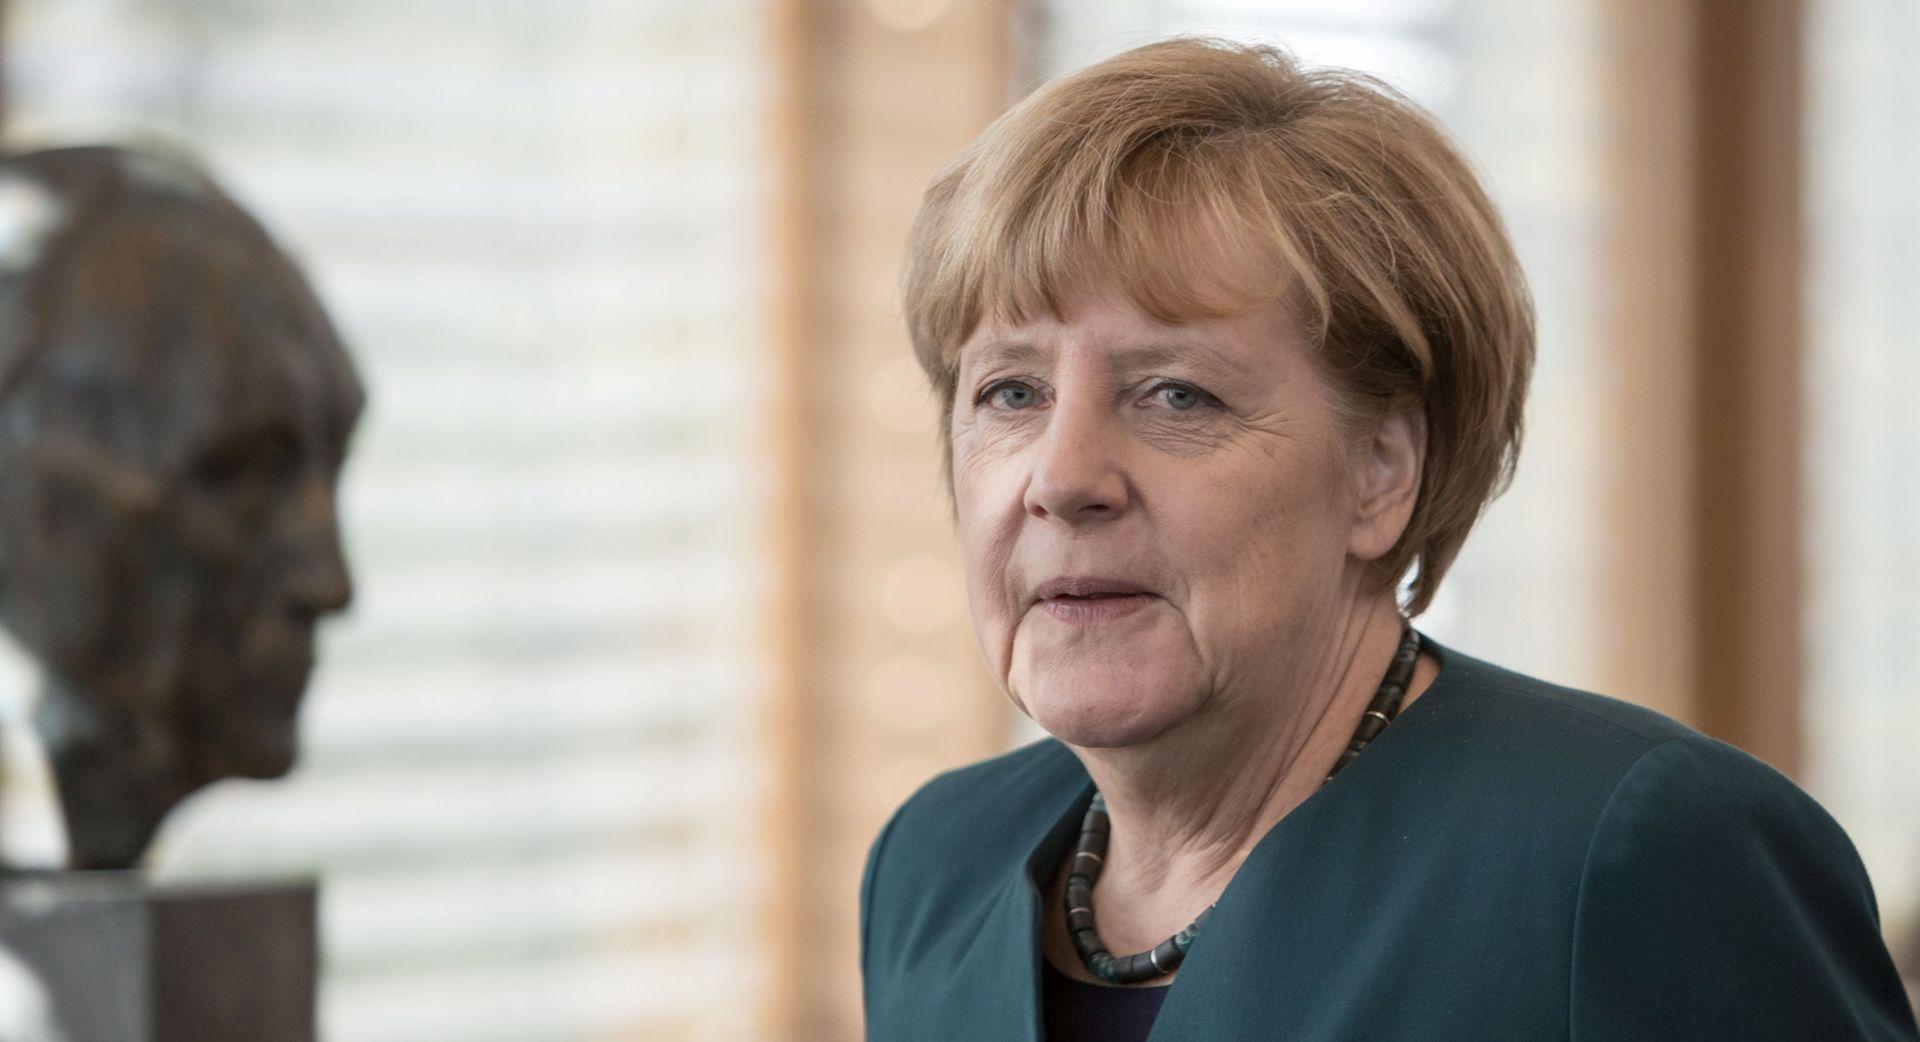 Merkel užasnuta napadom u Kölnu